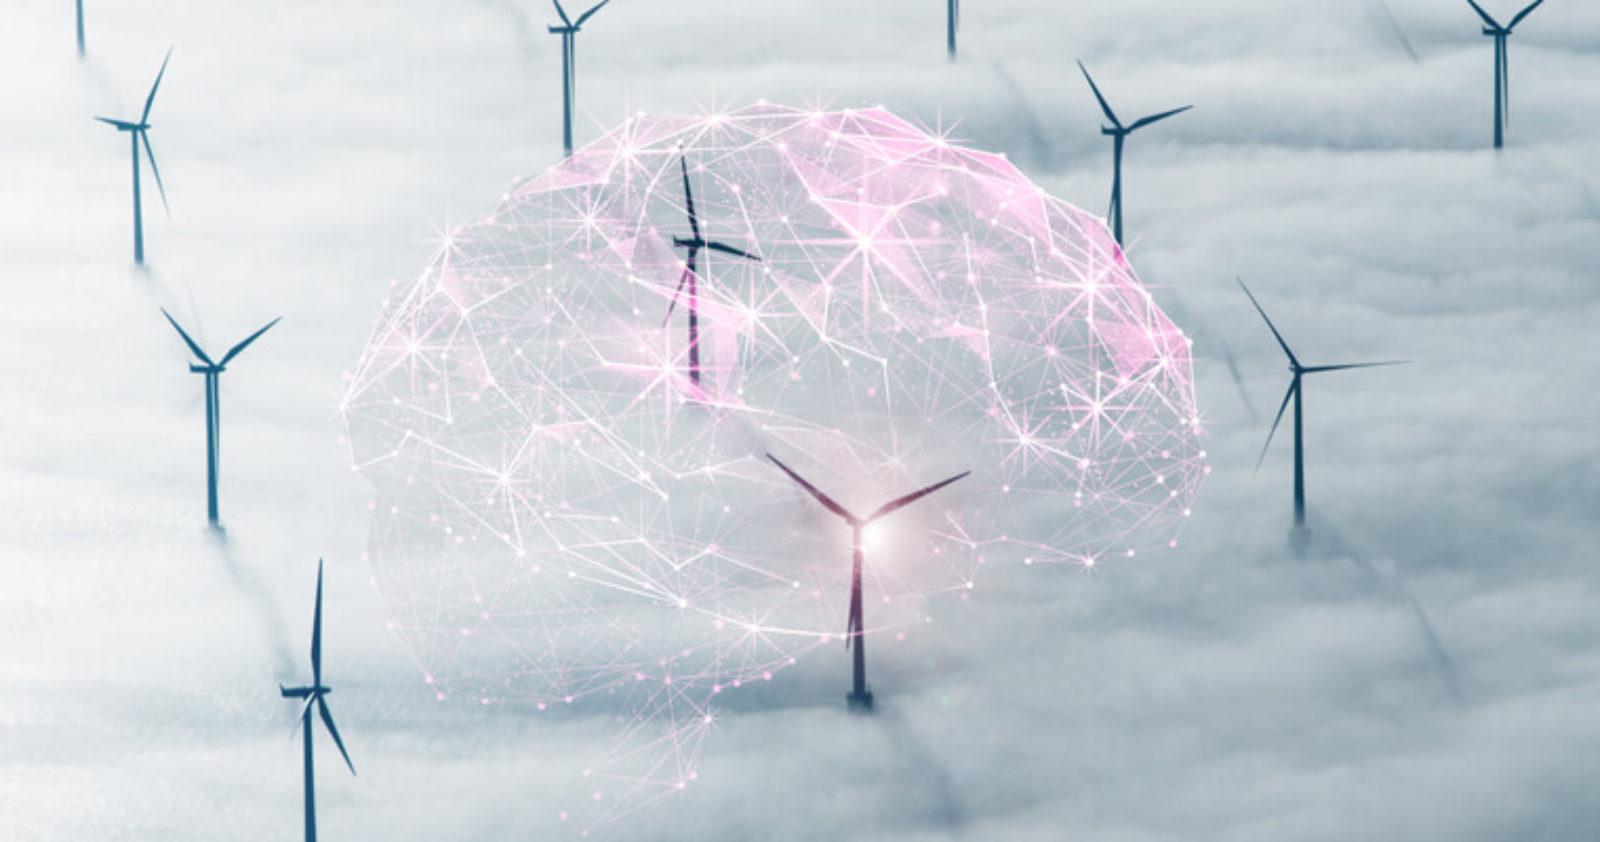 Nachhaltig für die Energie von morgen. Vom EMS-Elektronikdienstleister Technosert gefertigte Komponenten tragen zur umweltfreundlichen Energiegewinnung bei.